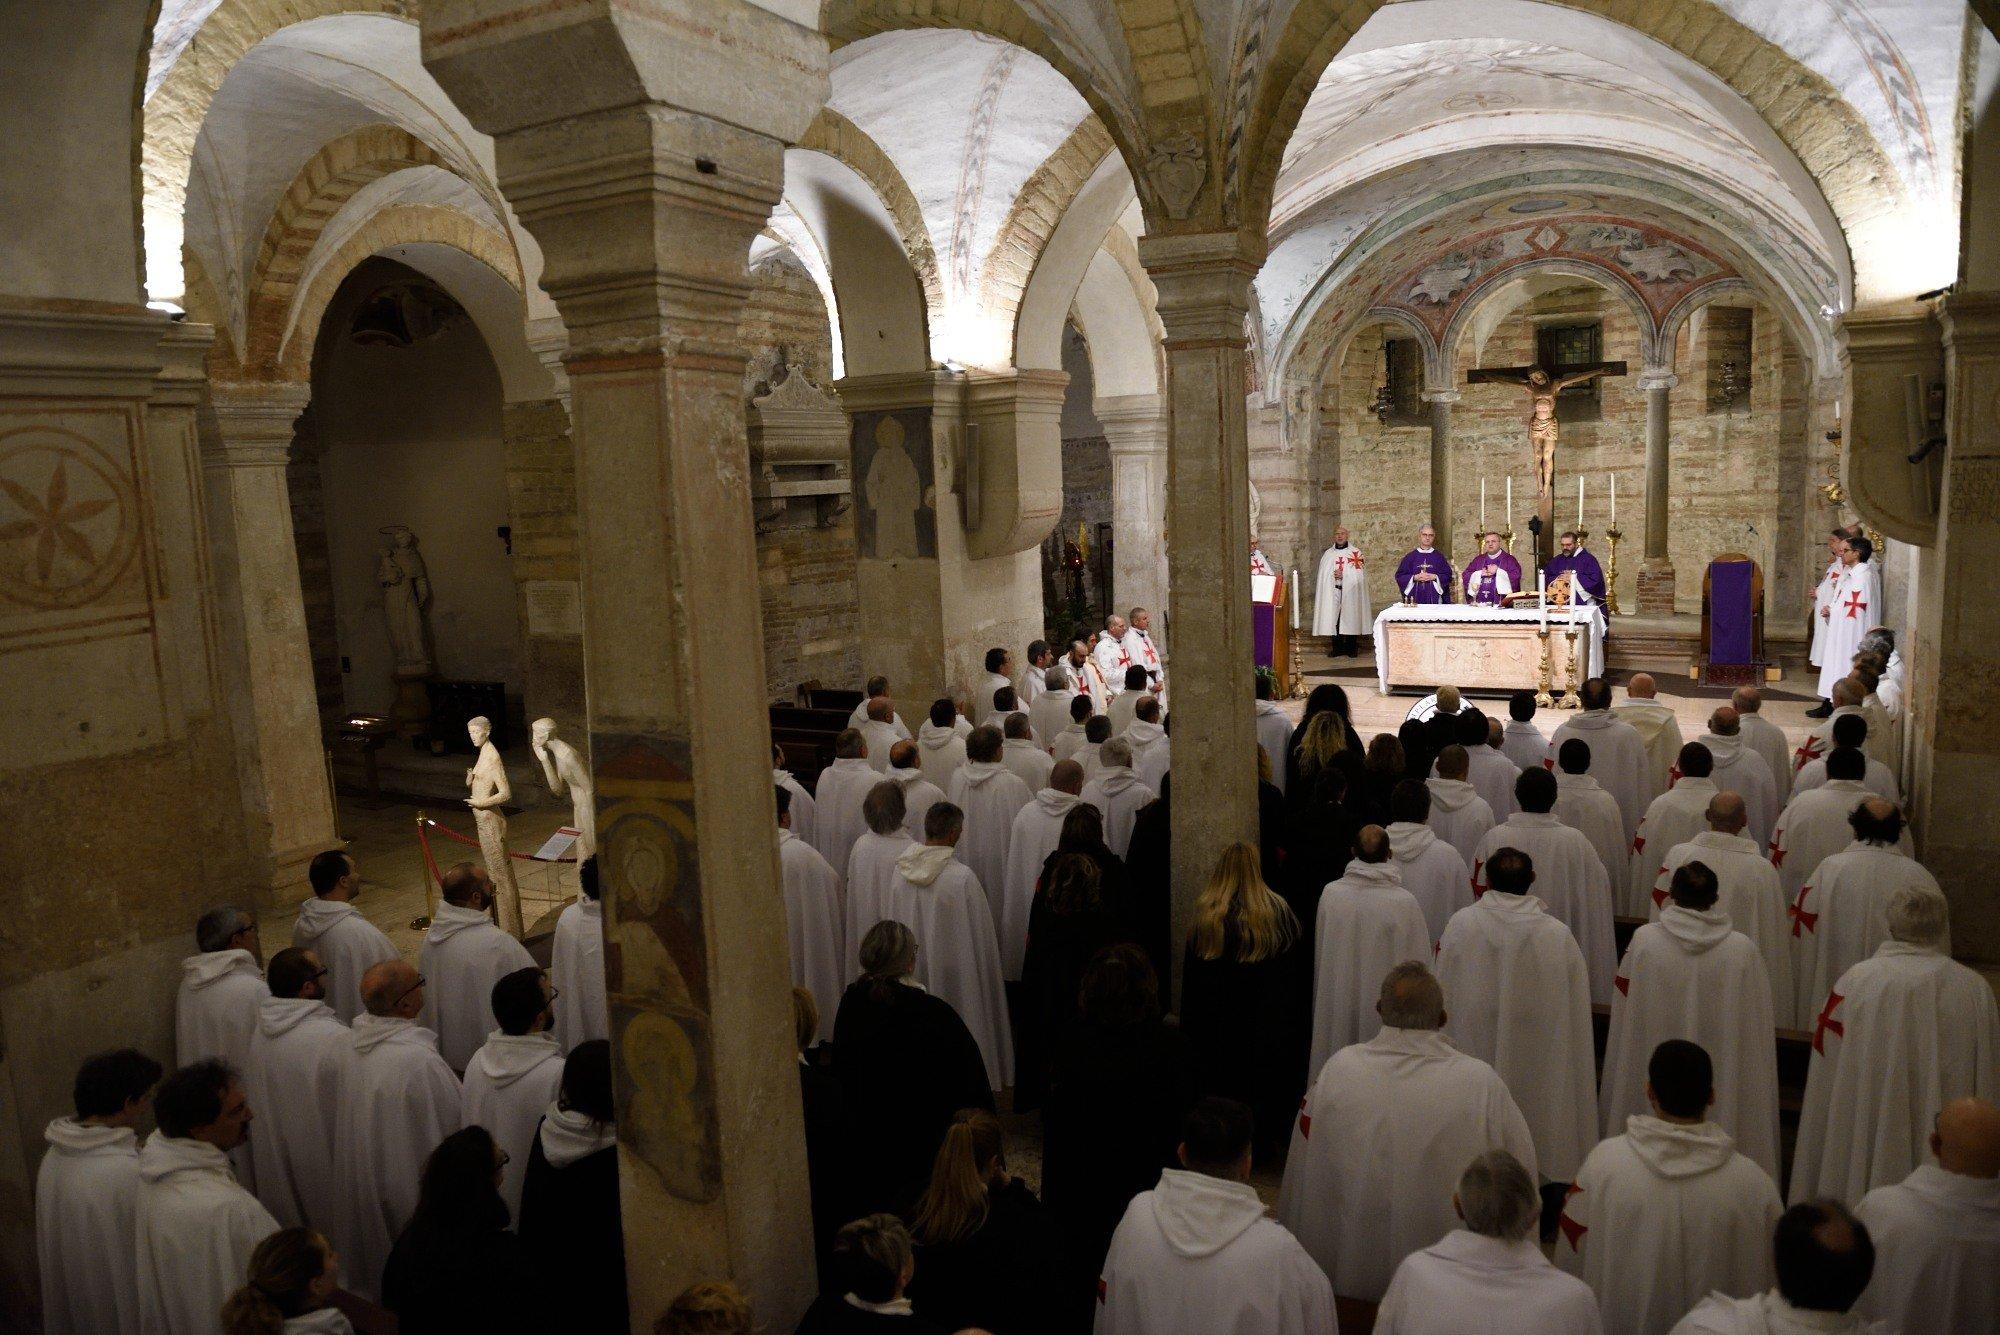 Chiesa di San Fermo - Verona - Templari Cattolici foto 03